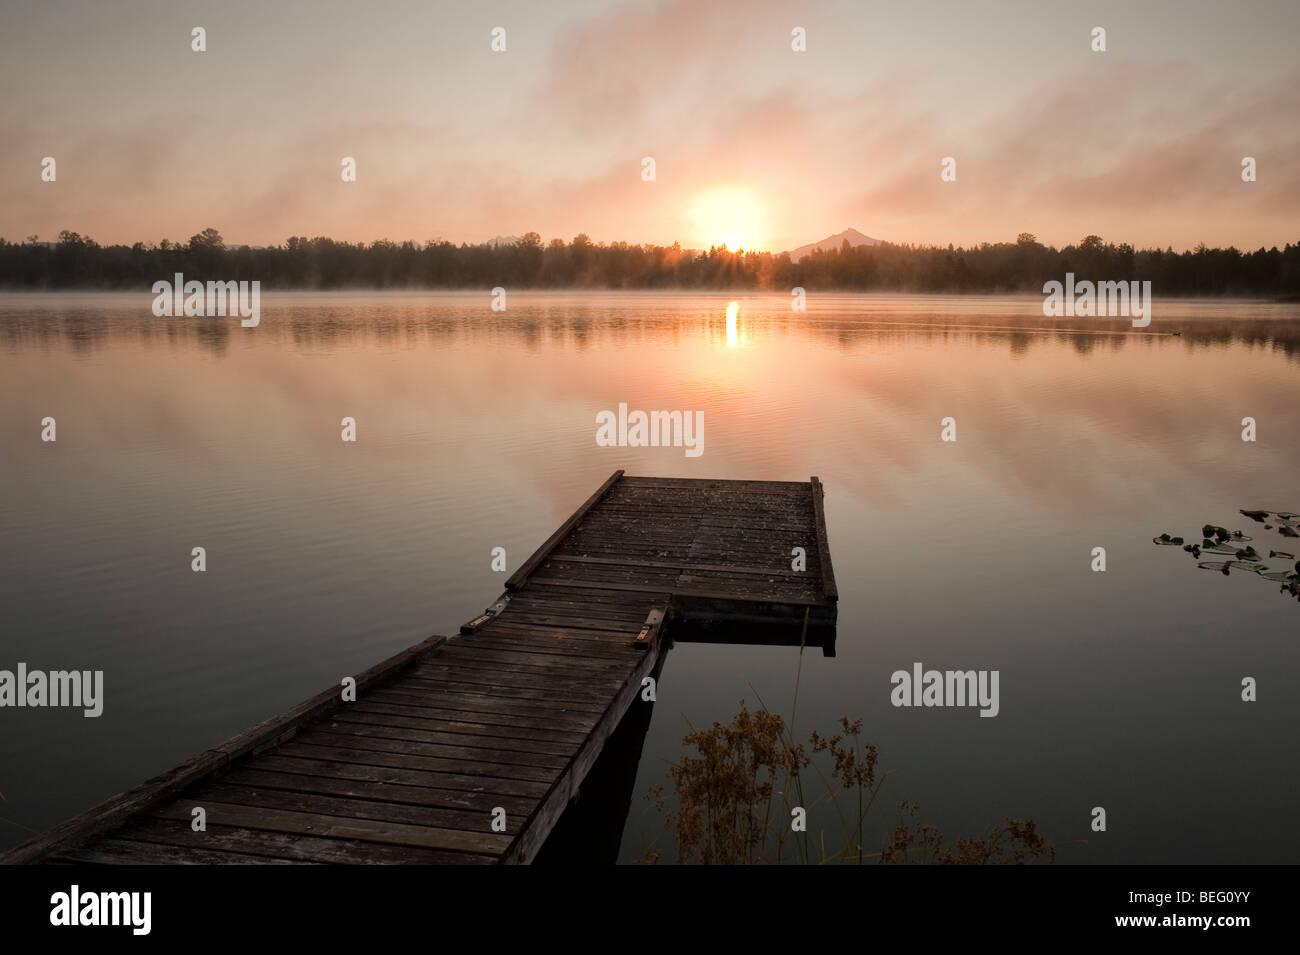 Alba sul lago di Cassidy nella nebbia con il Monte Pilchuck e dock Immagini Stock